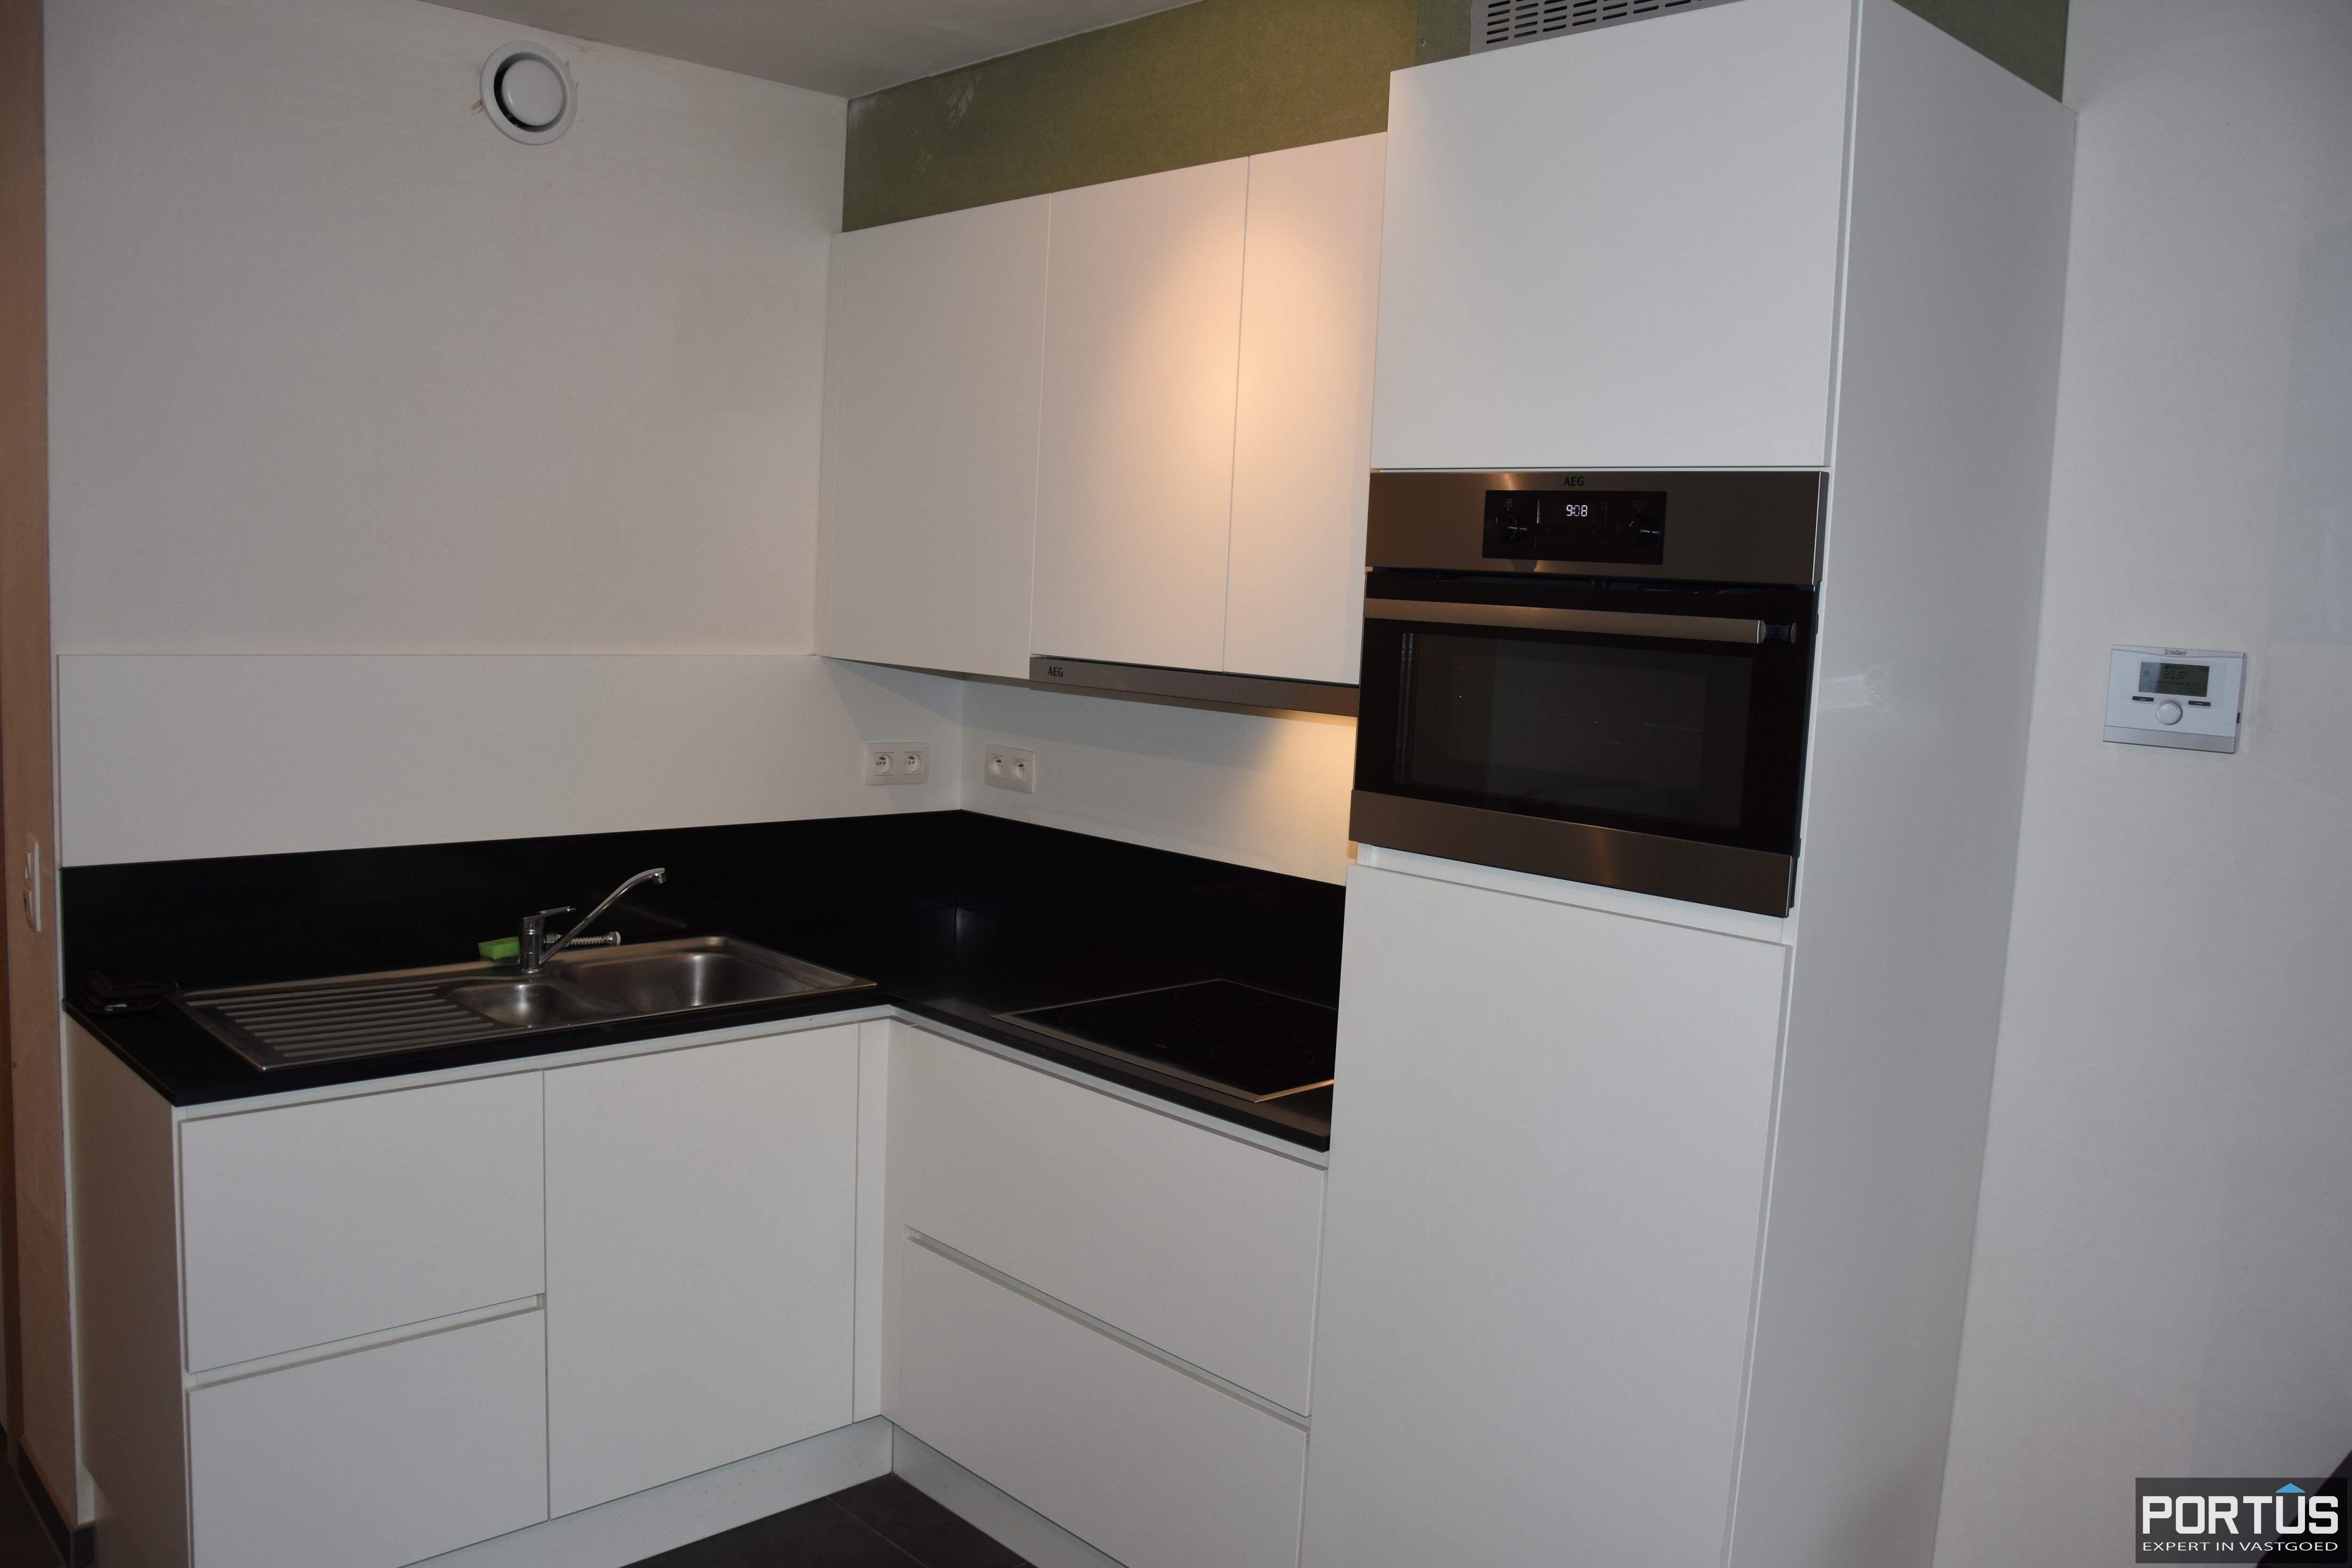 Appartement met 1 slaapkamer te huur te Lombardsijde - 13470